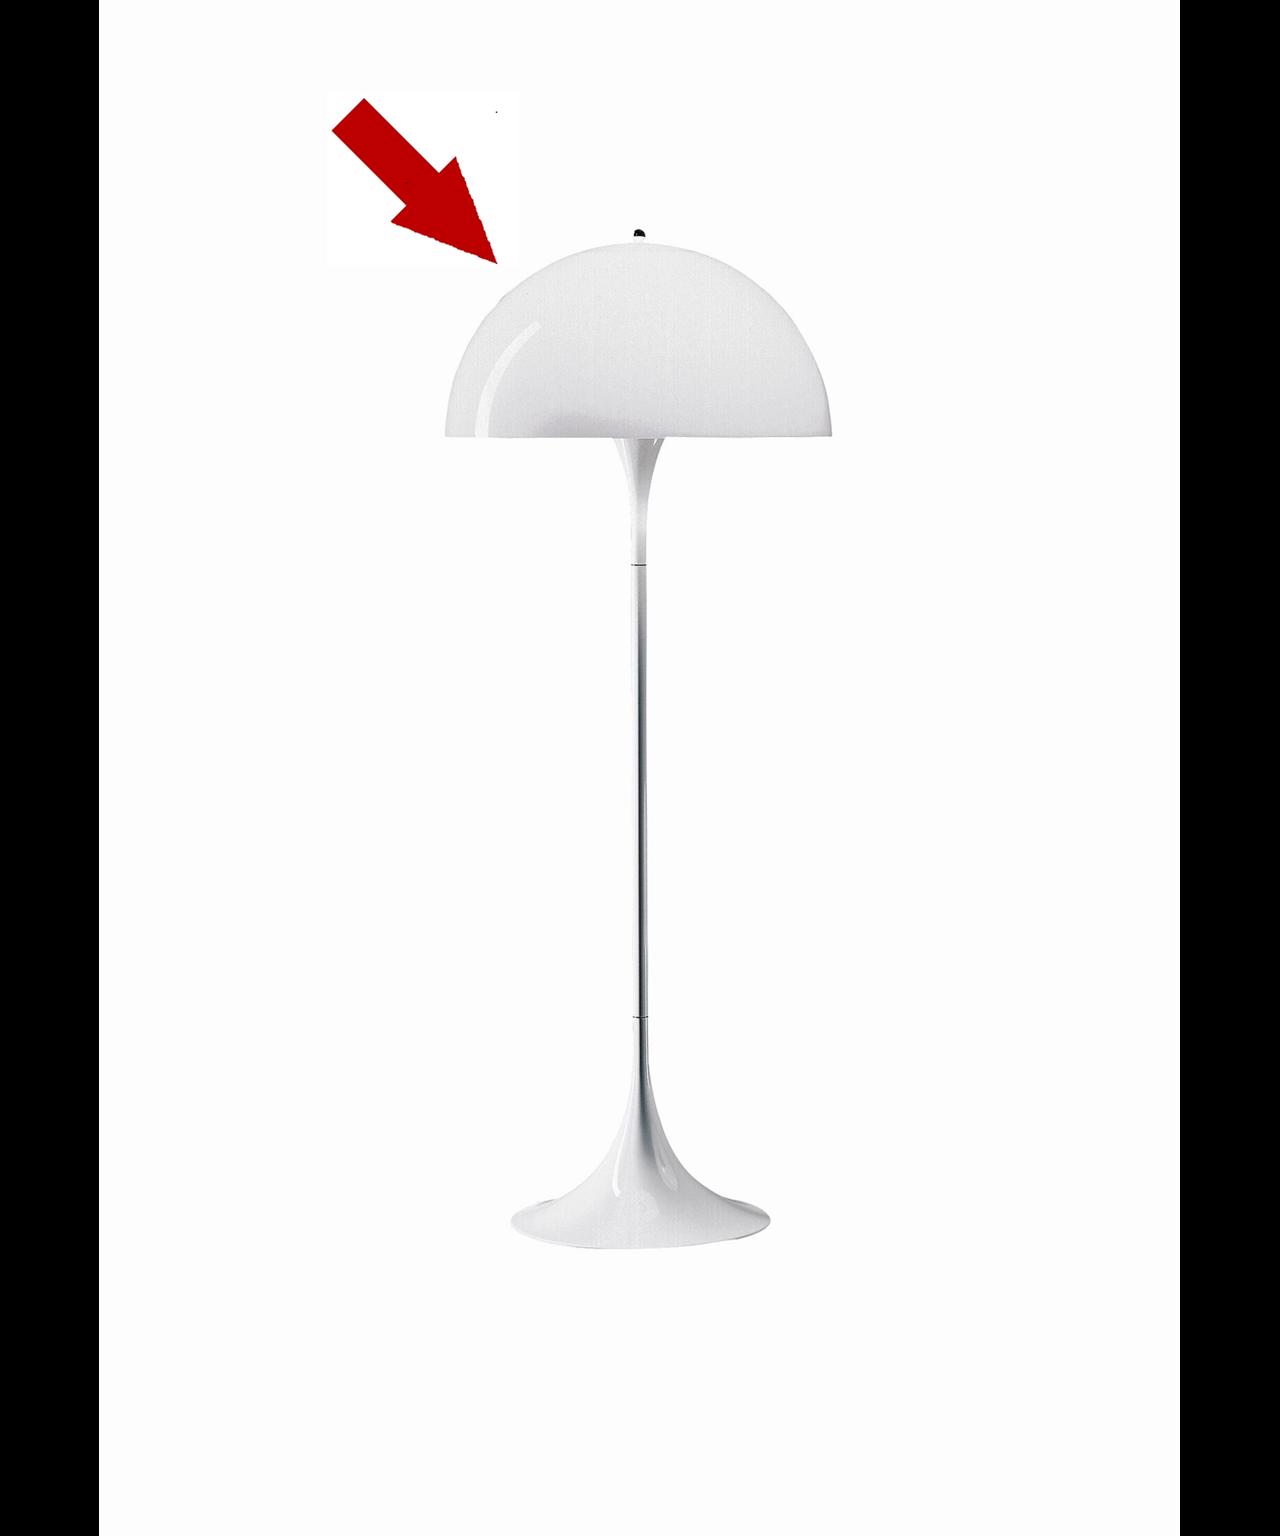 DesignVerner Pantonfor Louis PoulsenKonceptAkryl kan også flække, men vi har heldigvis reservedele på rad og række. Skærm til den klassiske Panthella Gulvlampe, designet af Verner Panton. Panthella Bord har en organisk og afbalanceret form. Panthella Bord giver et diffust og behageligt lys.